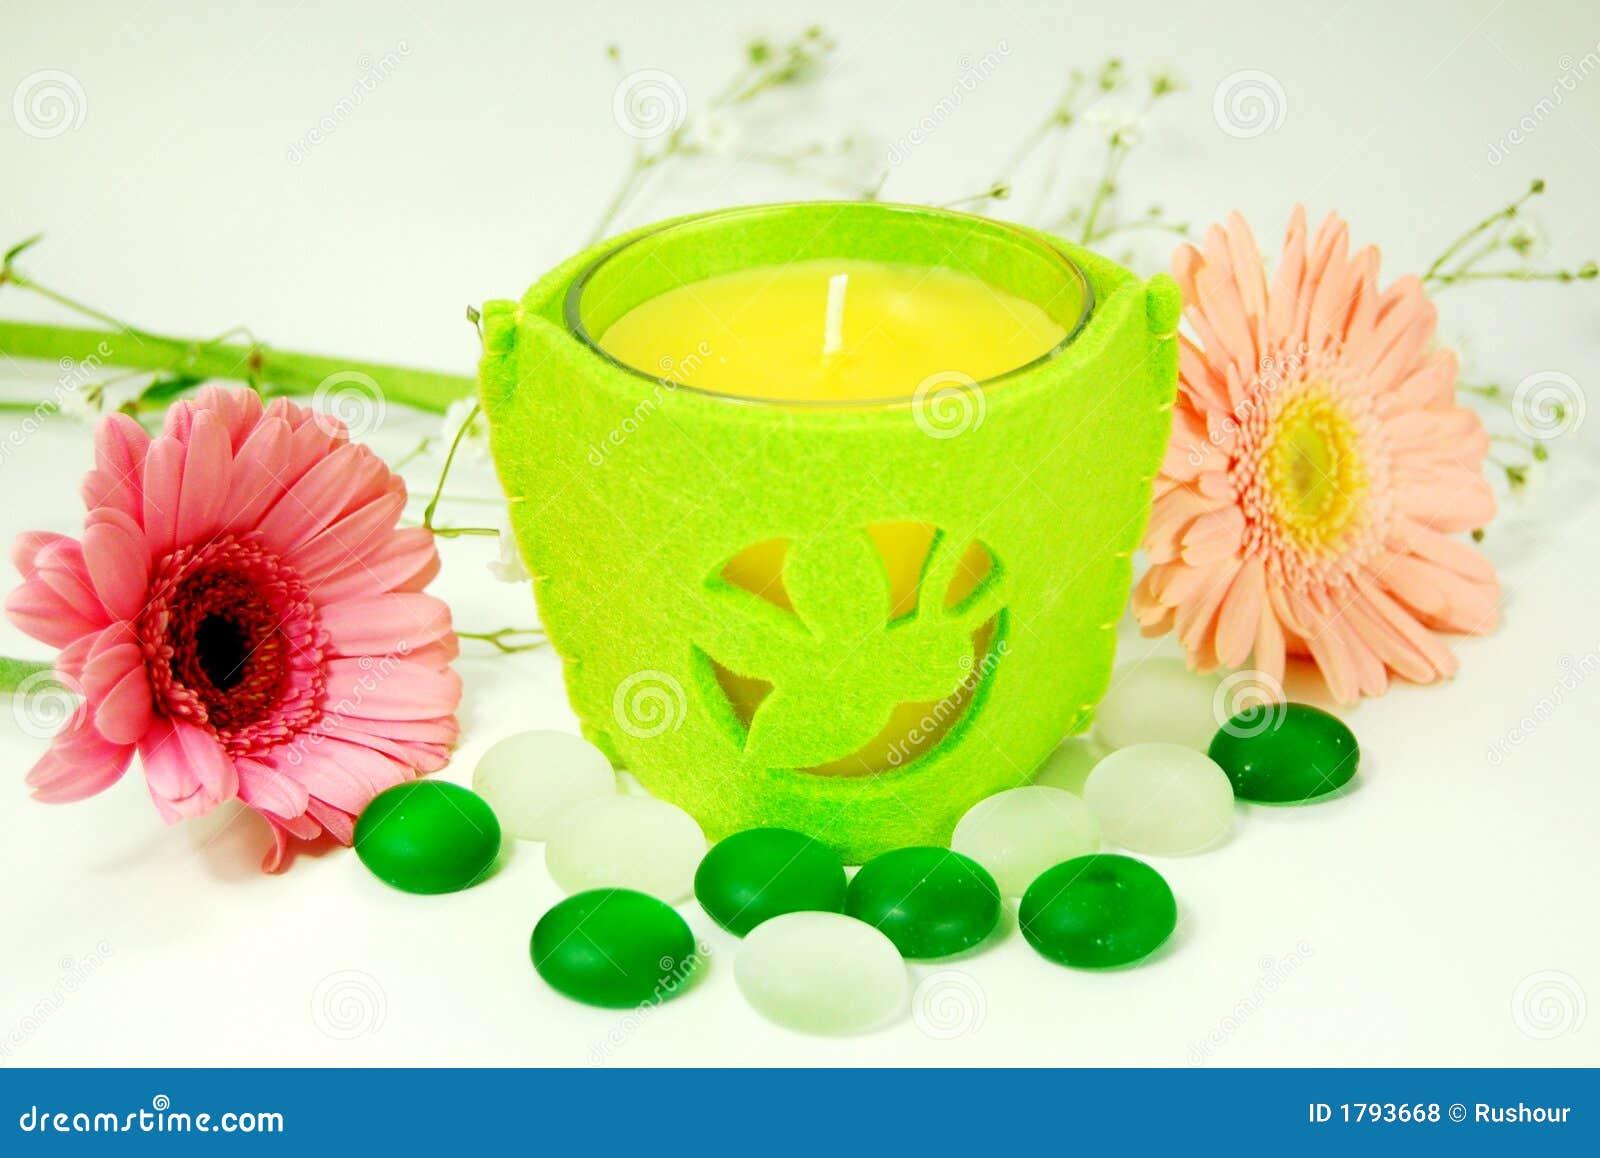 Aroma-Therapie-Kerze